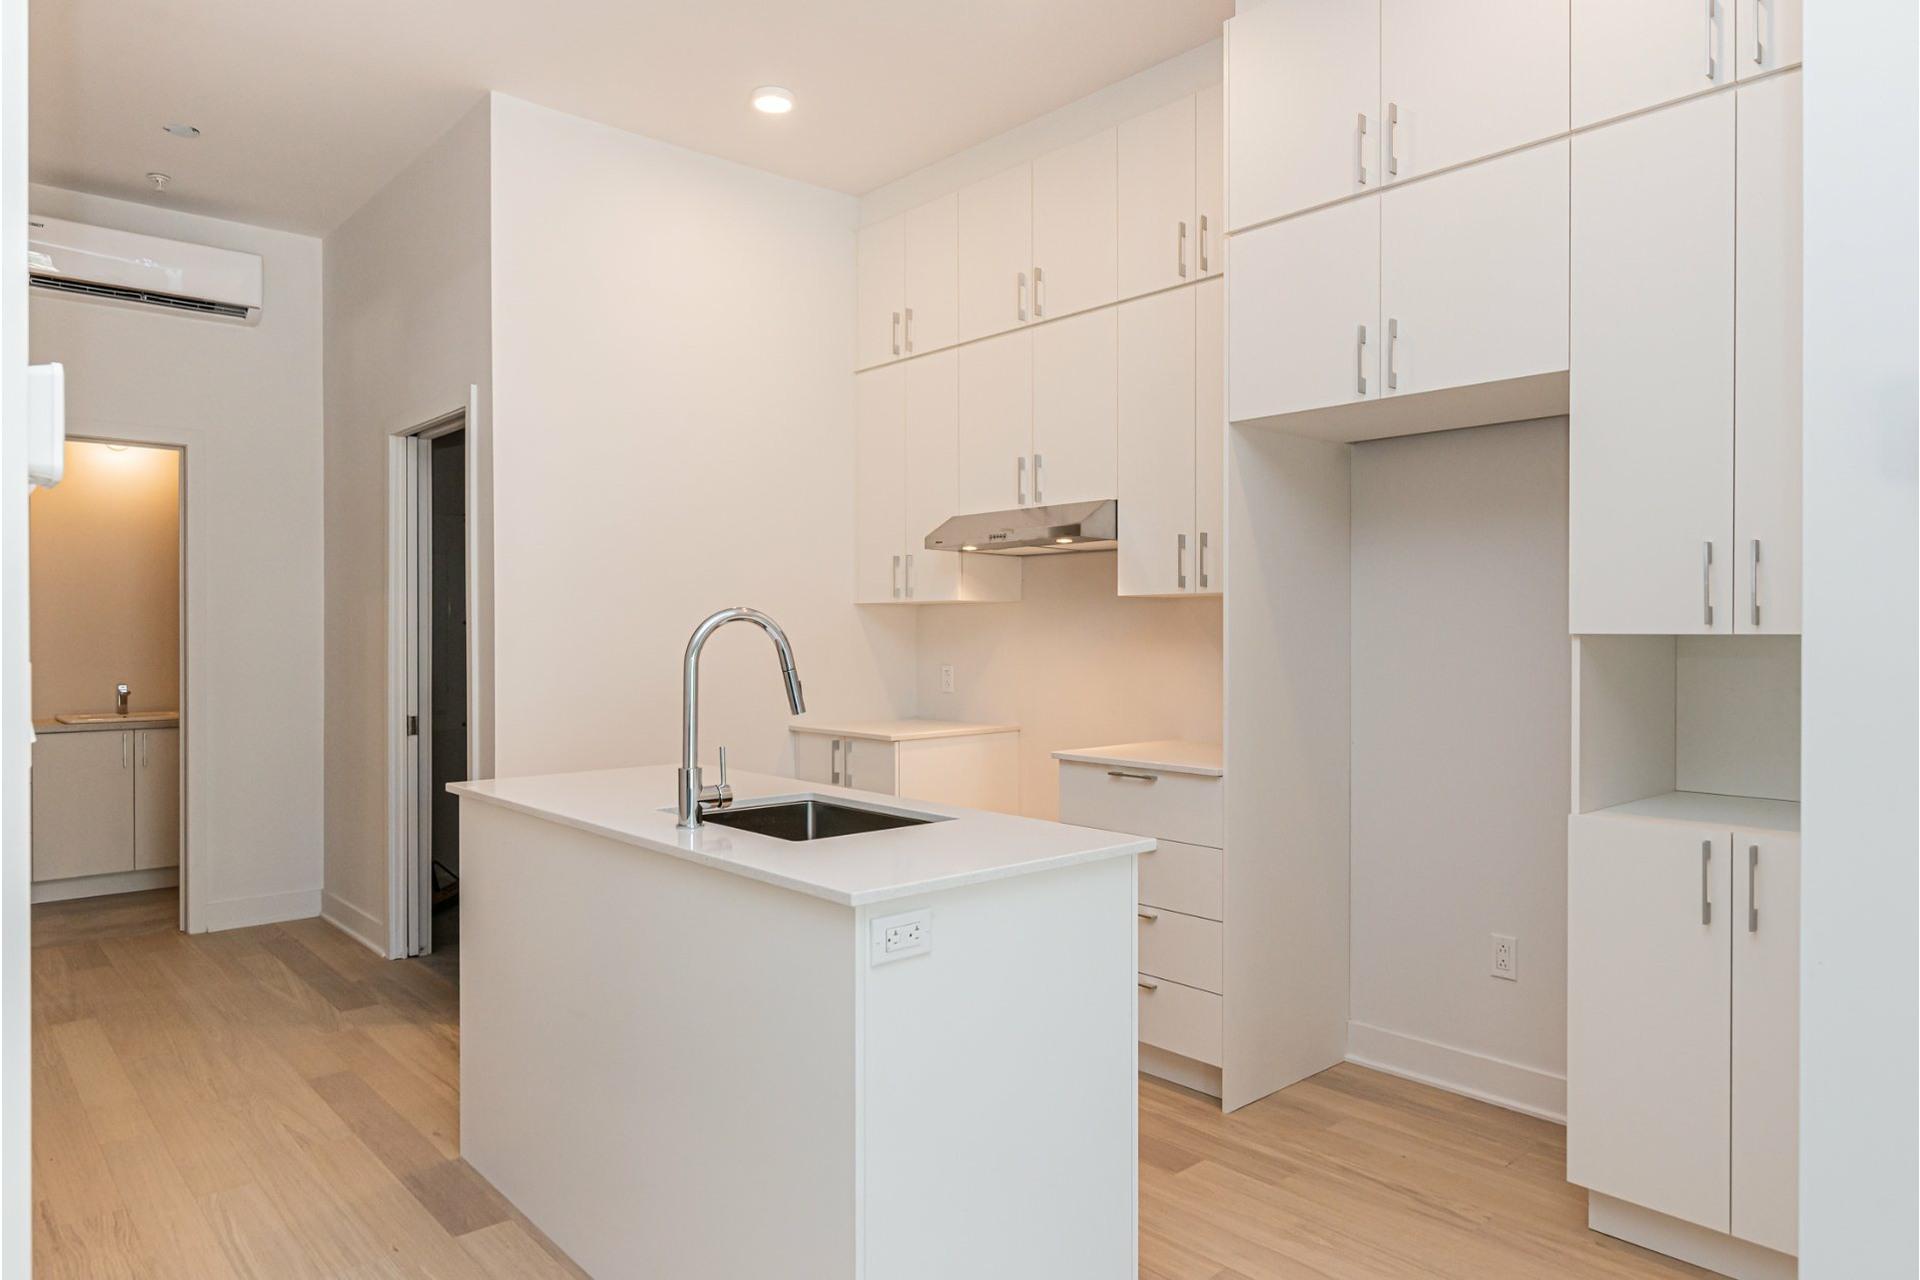 image 22 - Apartment For sale Rosemont/La Petite-Patrie Montréal  - 5 rooms